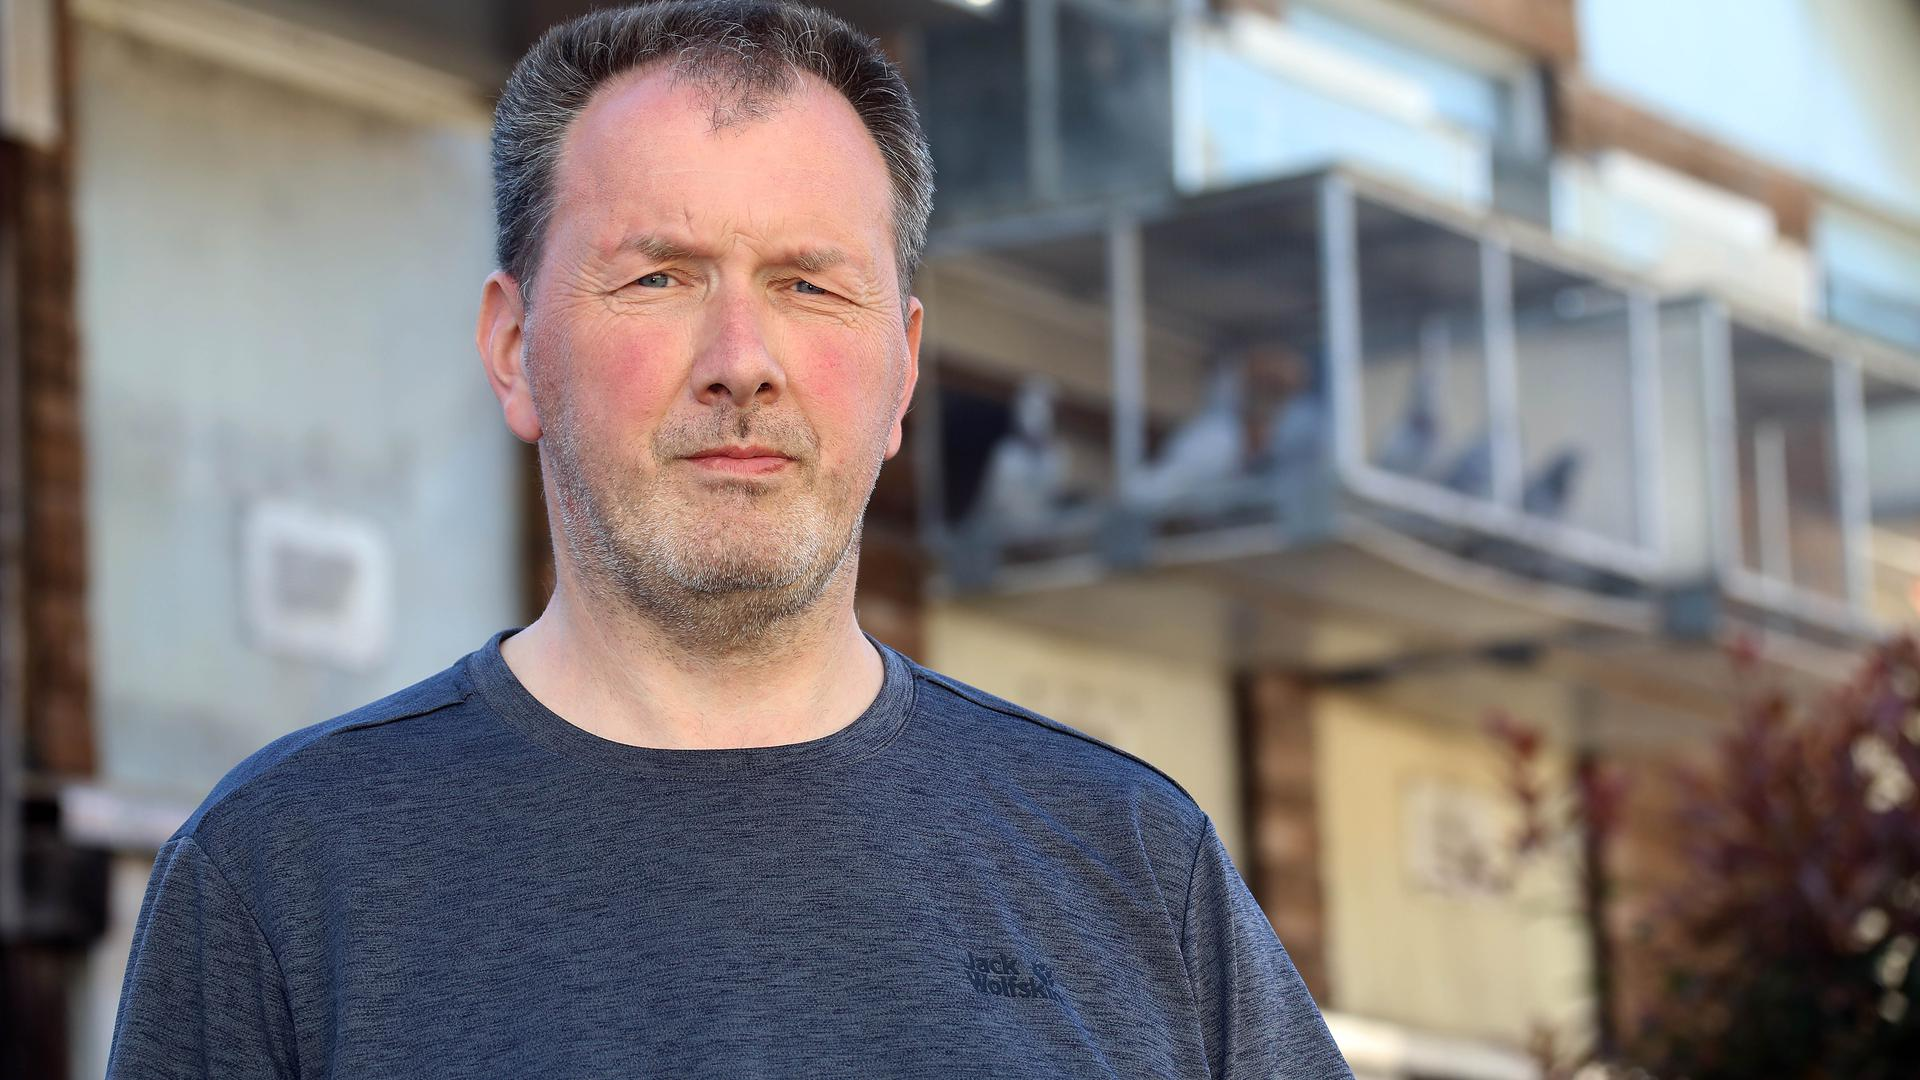 Mit Täubchen kennt sich der Karlsruher Brieftaubenzüchter Klaus Rachner aus. Die Tiere im Taubenschlag in Wolfartsweier sind wahre Leistungssportler.